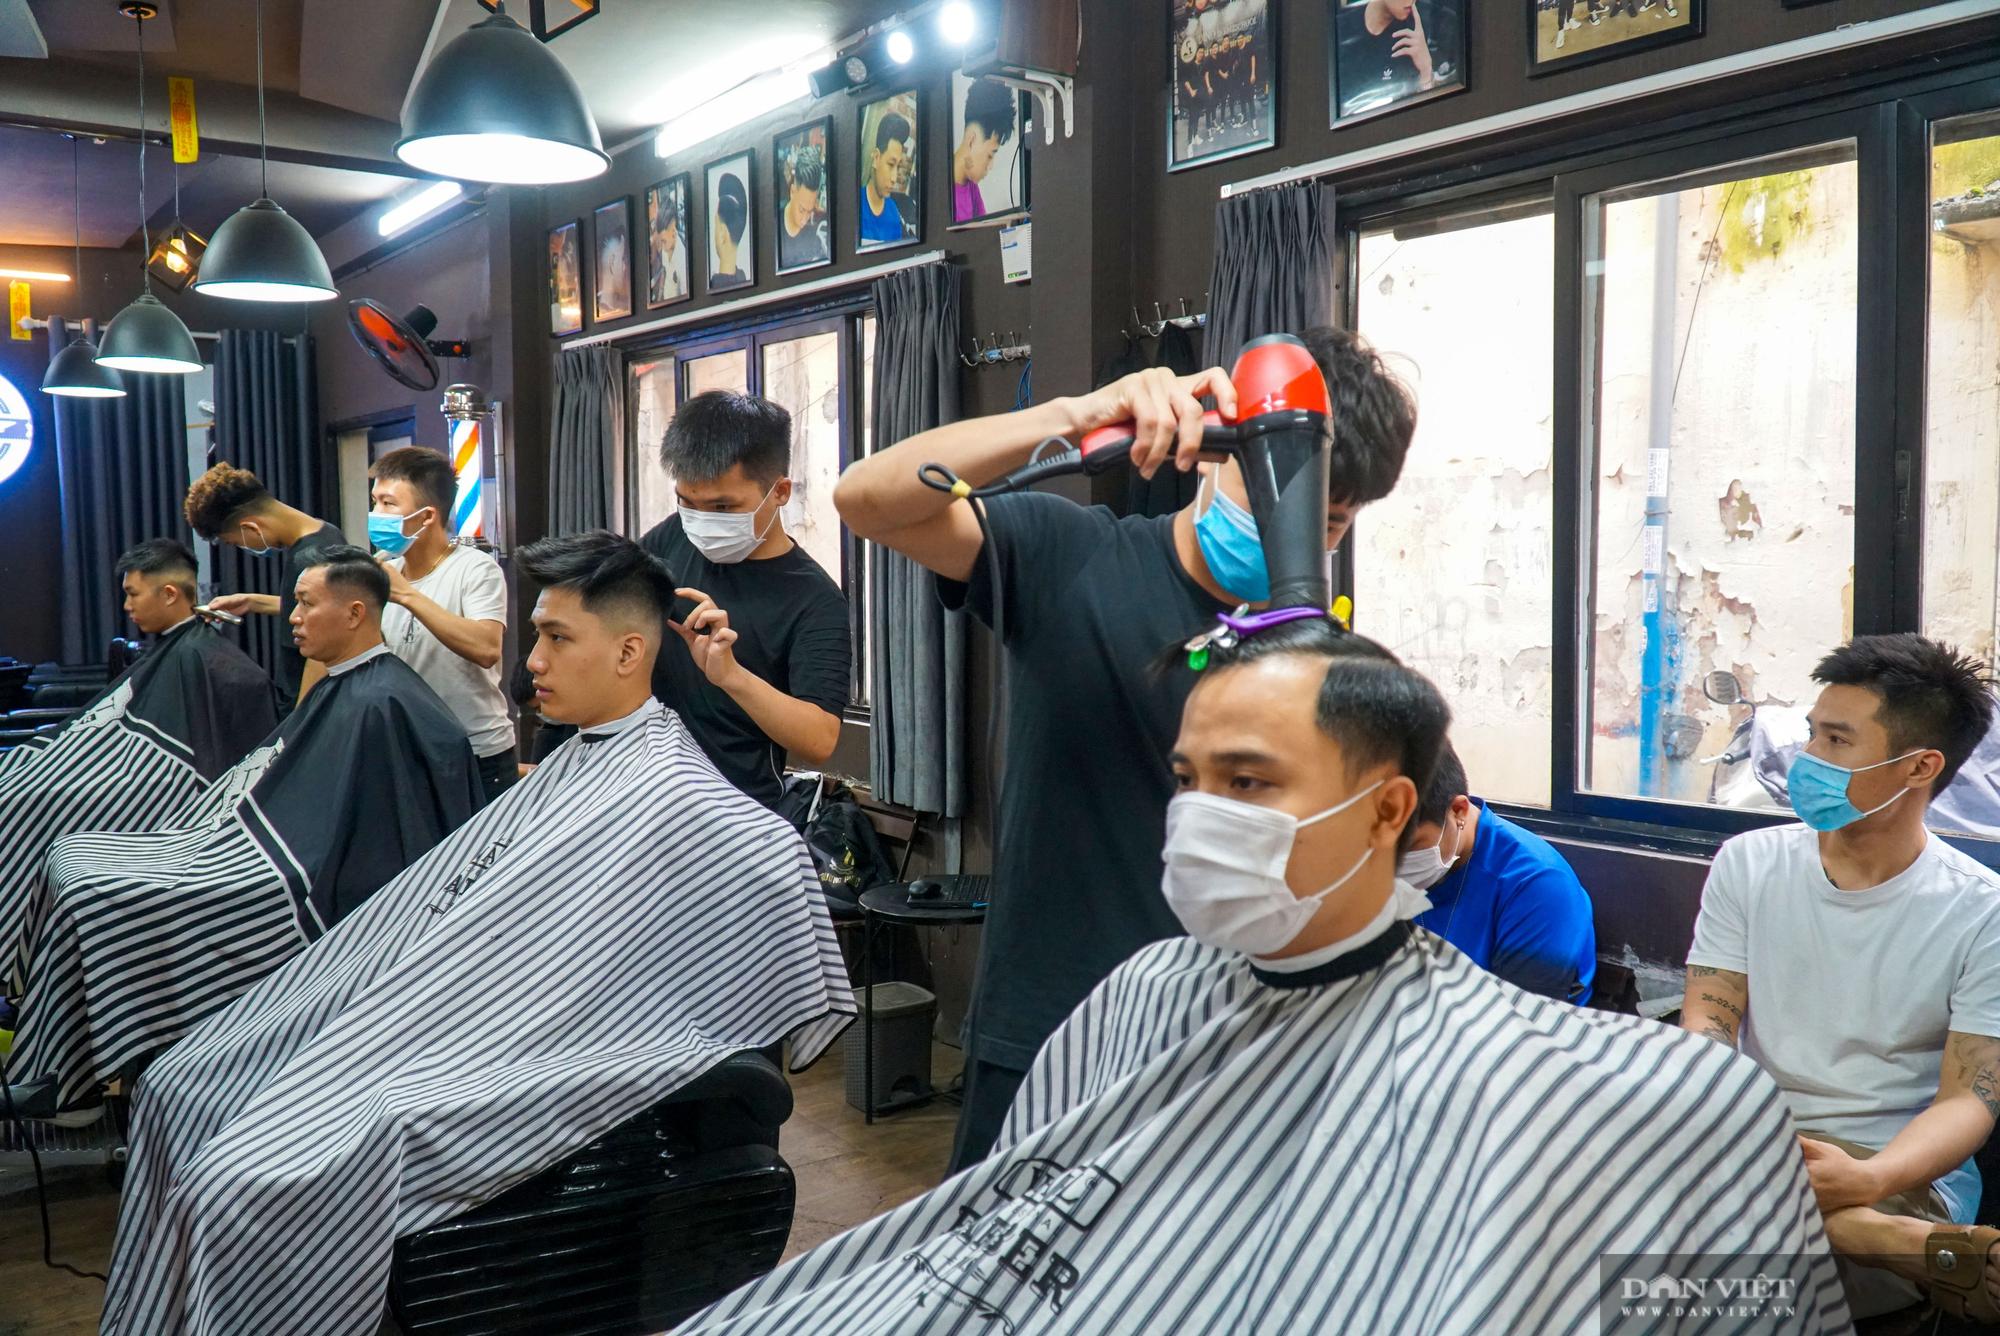 Hà Nội cho phép hàng cắt tóc, quán ăn mở cửa trở lại từ 0h ngày 22/6 - Ảnh 1.